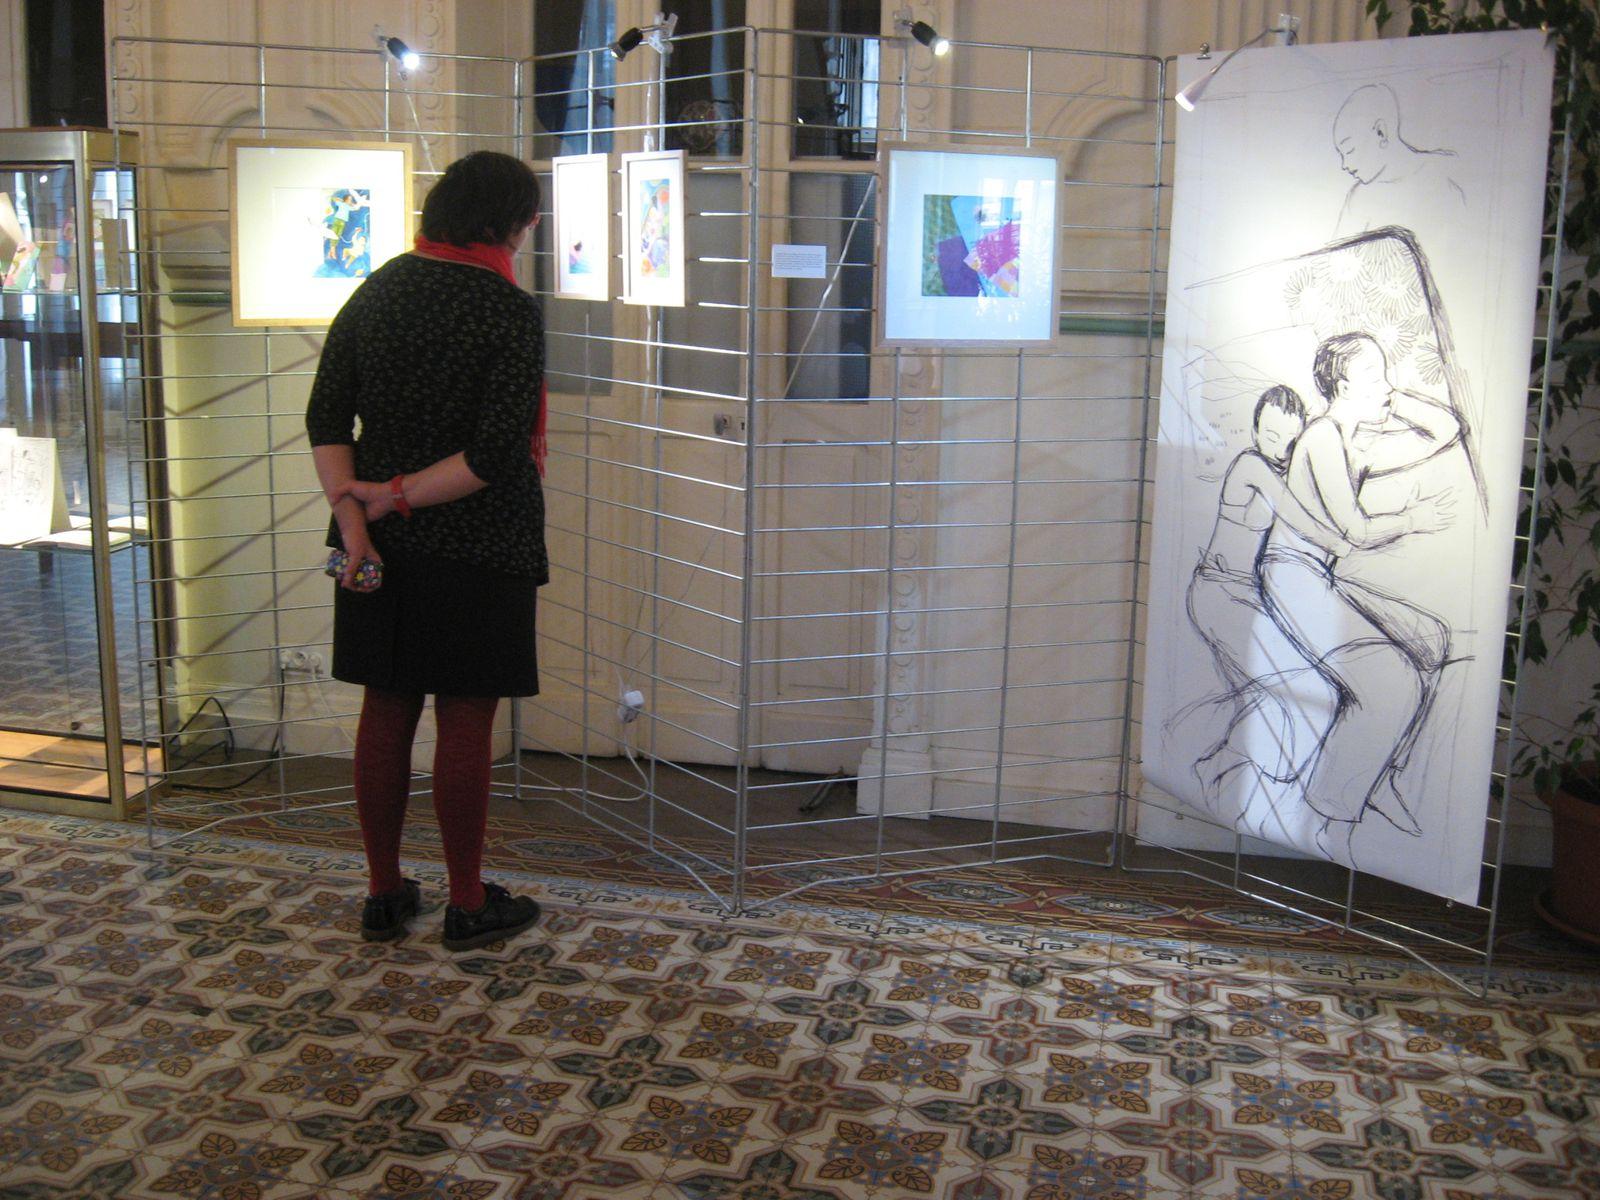 Exposition &quot&#x3B;La sieste&quot&#x3B; dans le cadre du Salon du Livre de Contrex.